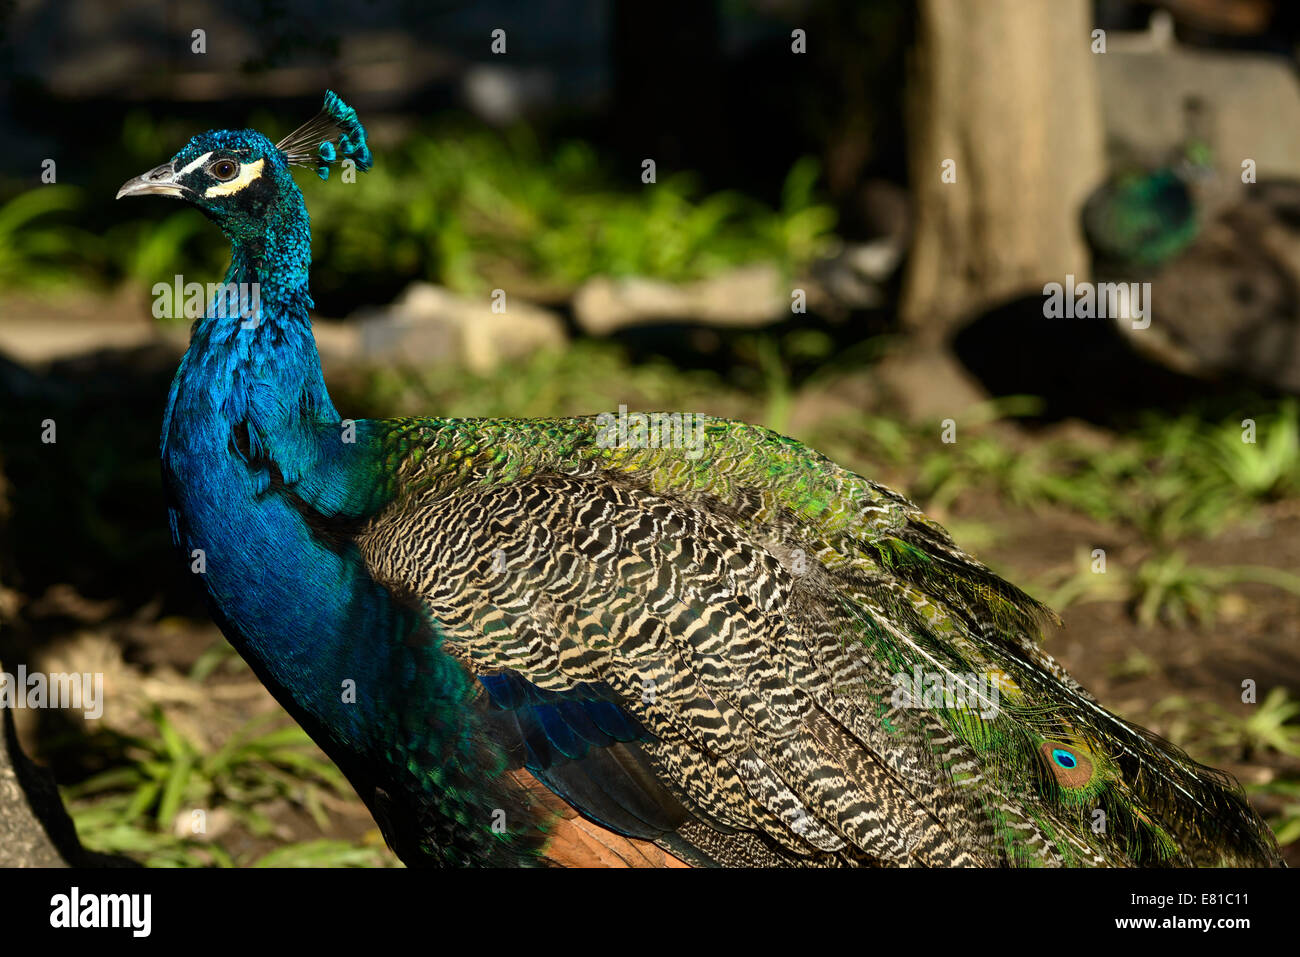 Peacock debout Banque D'Images